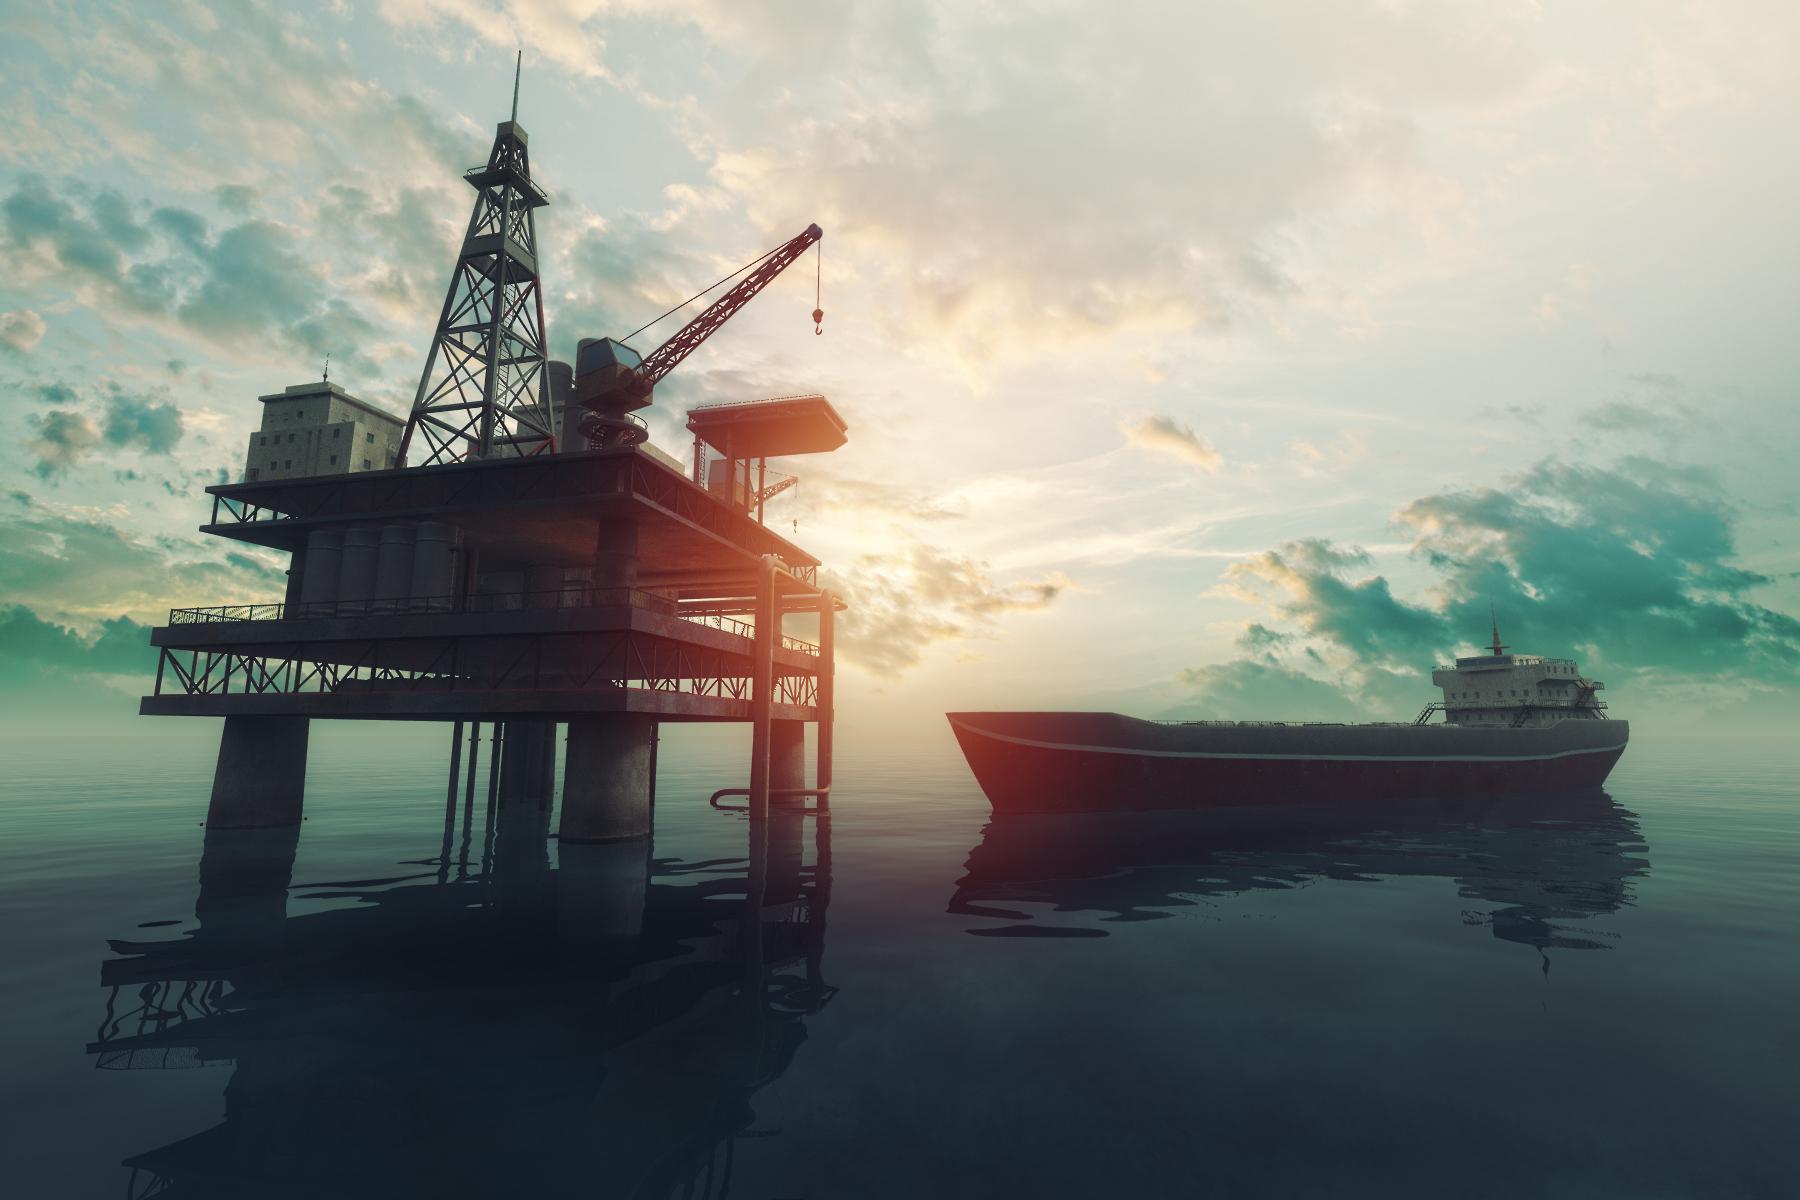 Tanker and platform